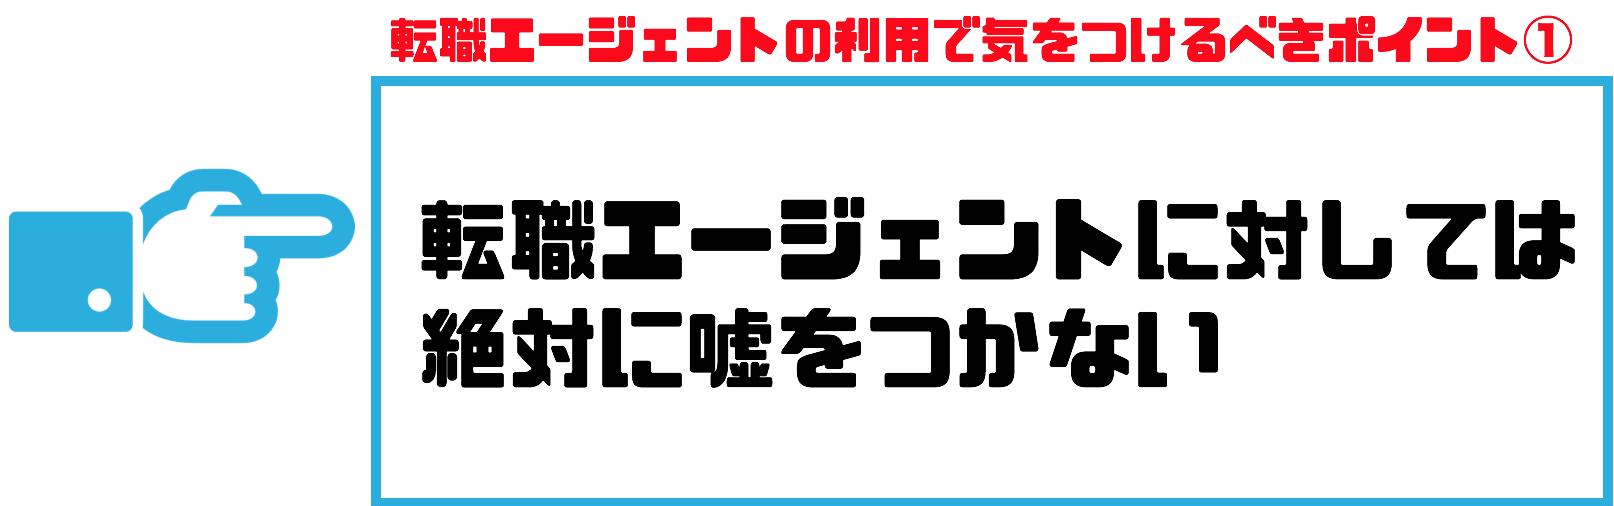 転職エージェント_無職15